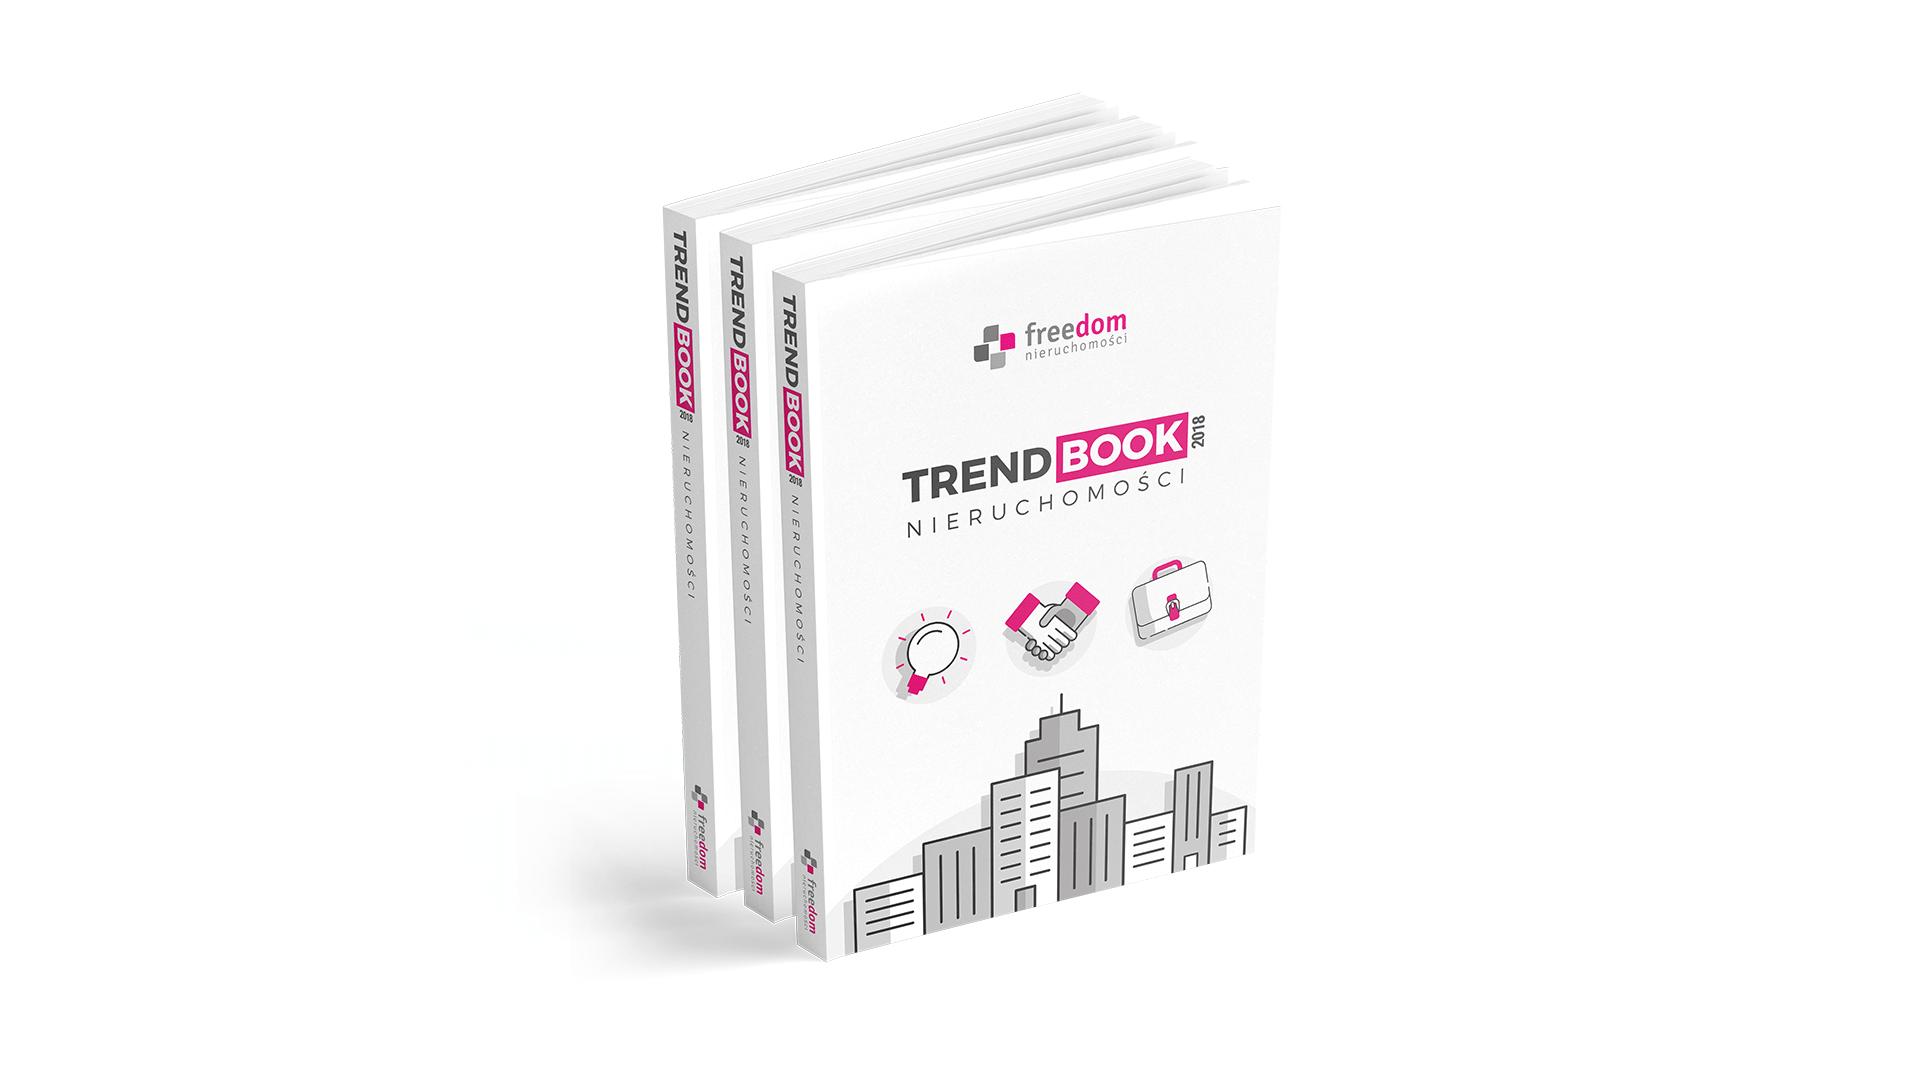 trendbook dla branży nieruchomości